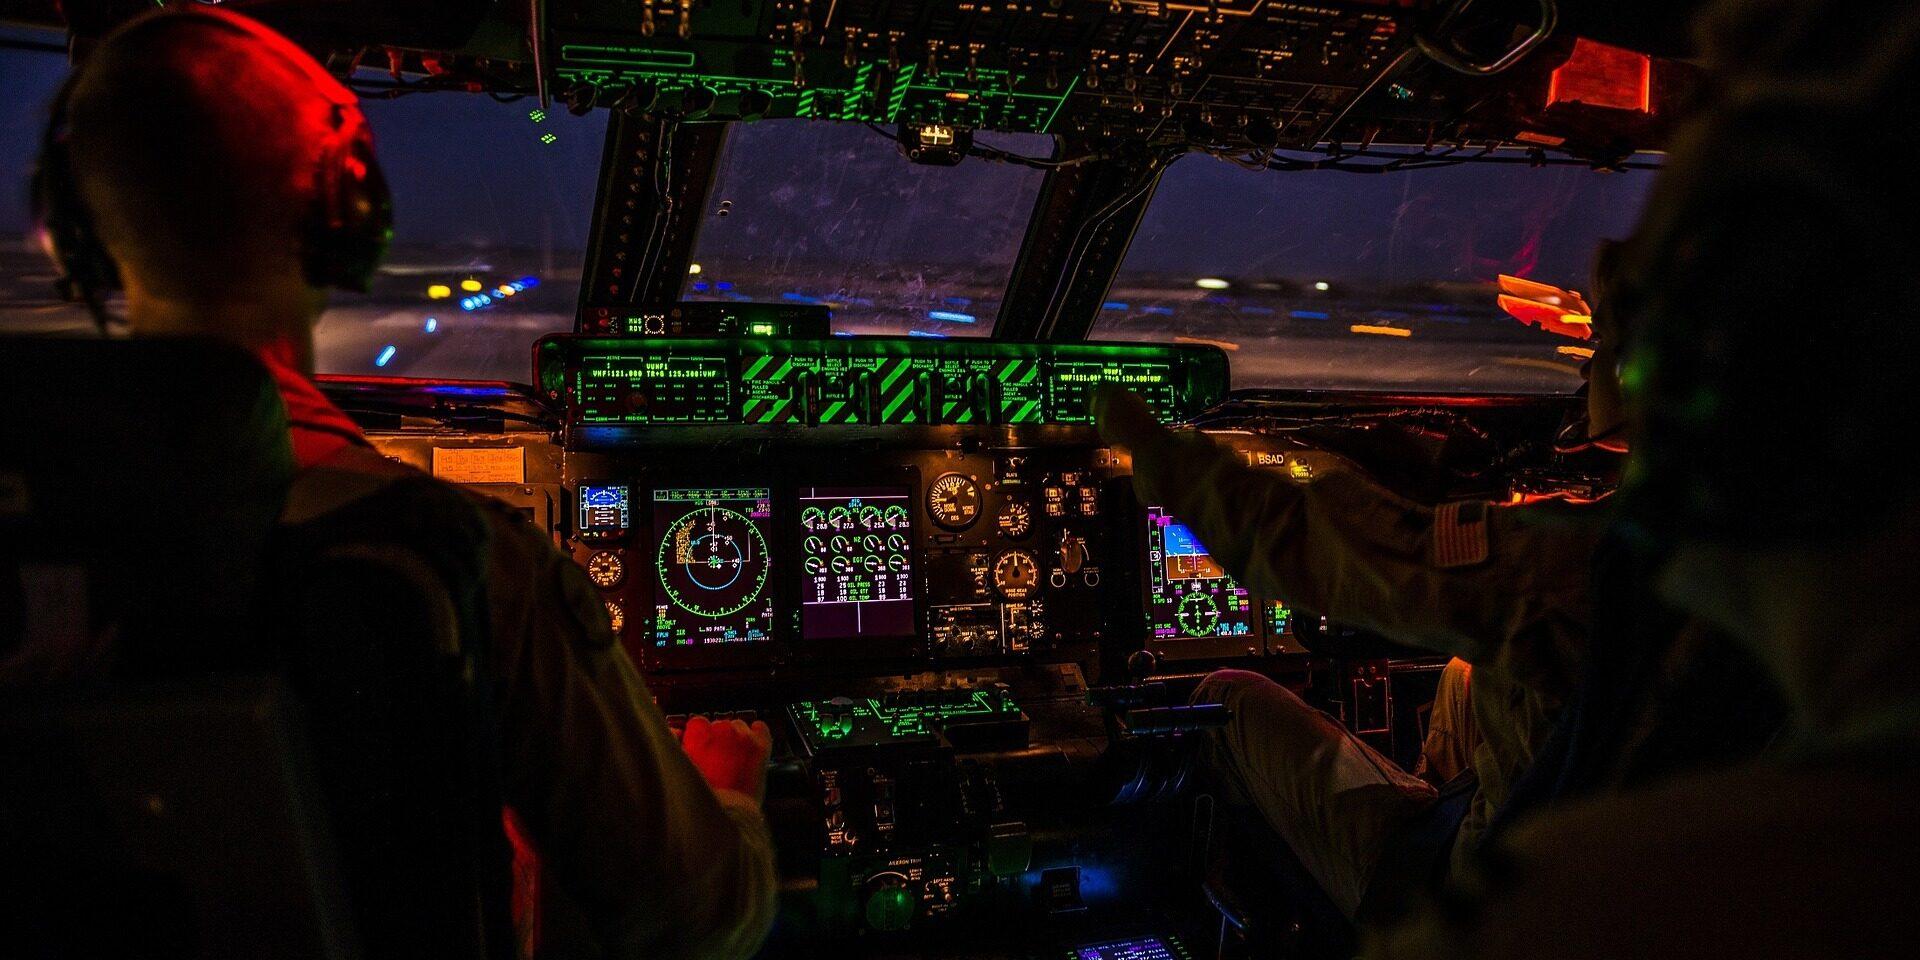 cockpit-1442715_1920